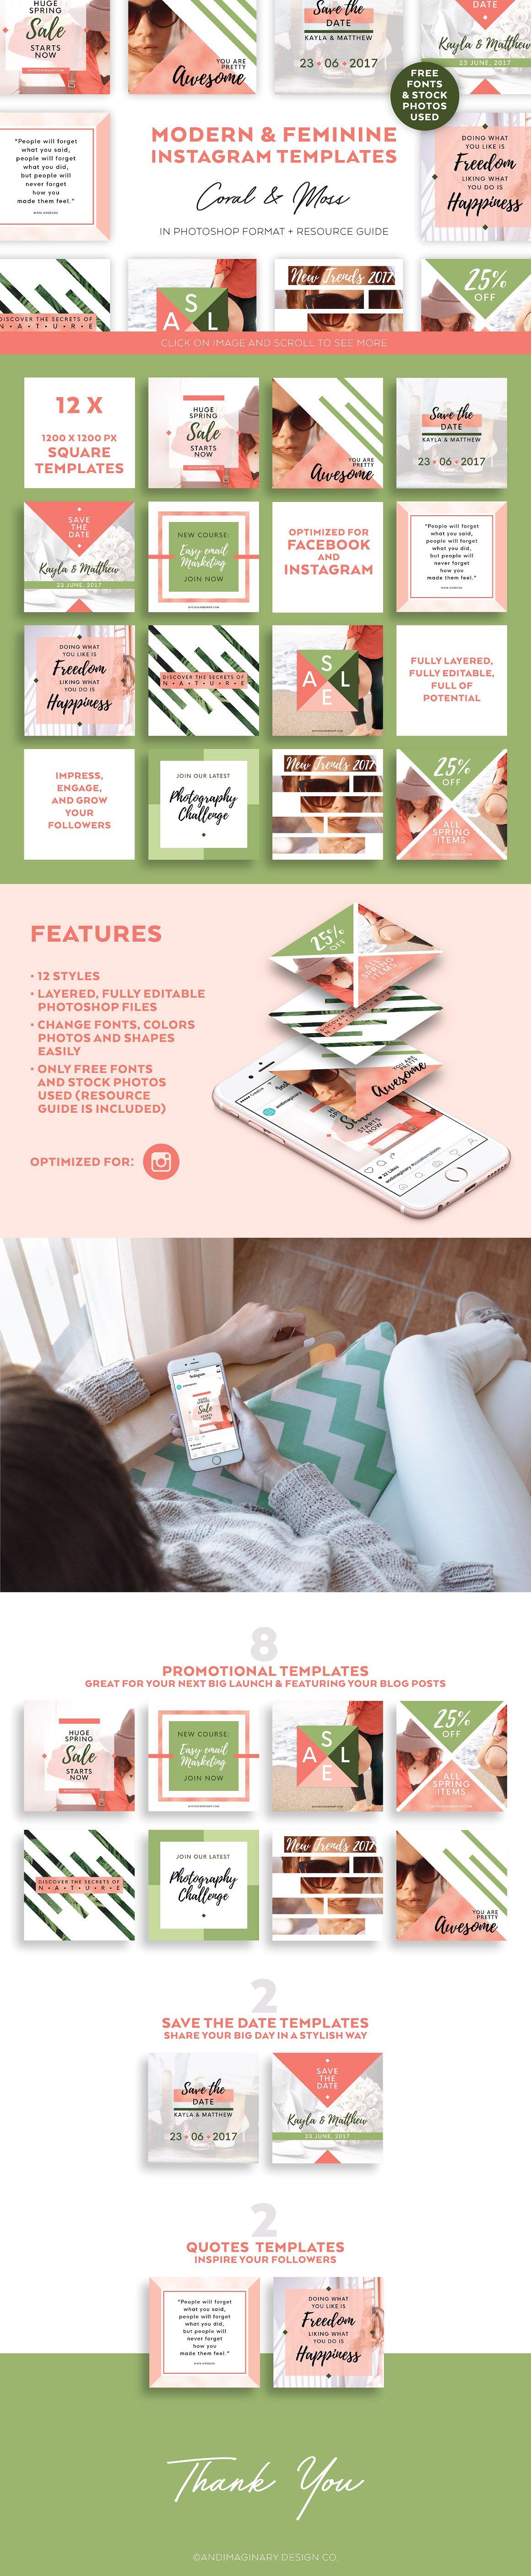 一套SNS社交媒体宣传广告图banner源文件下载[PSD]设计素材模板